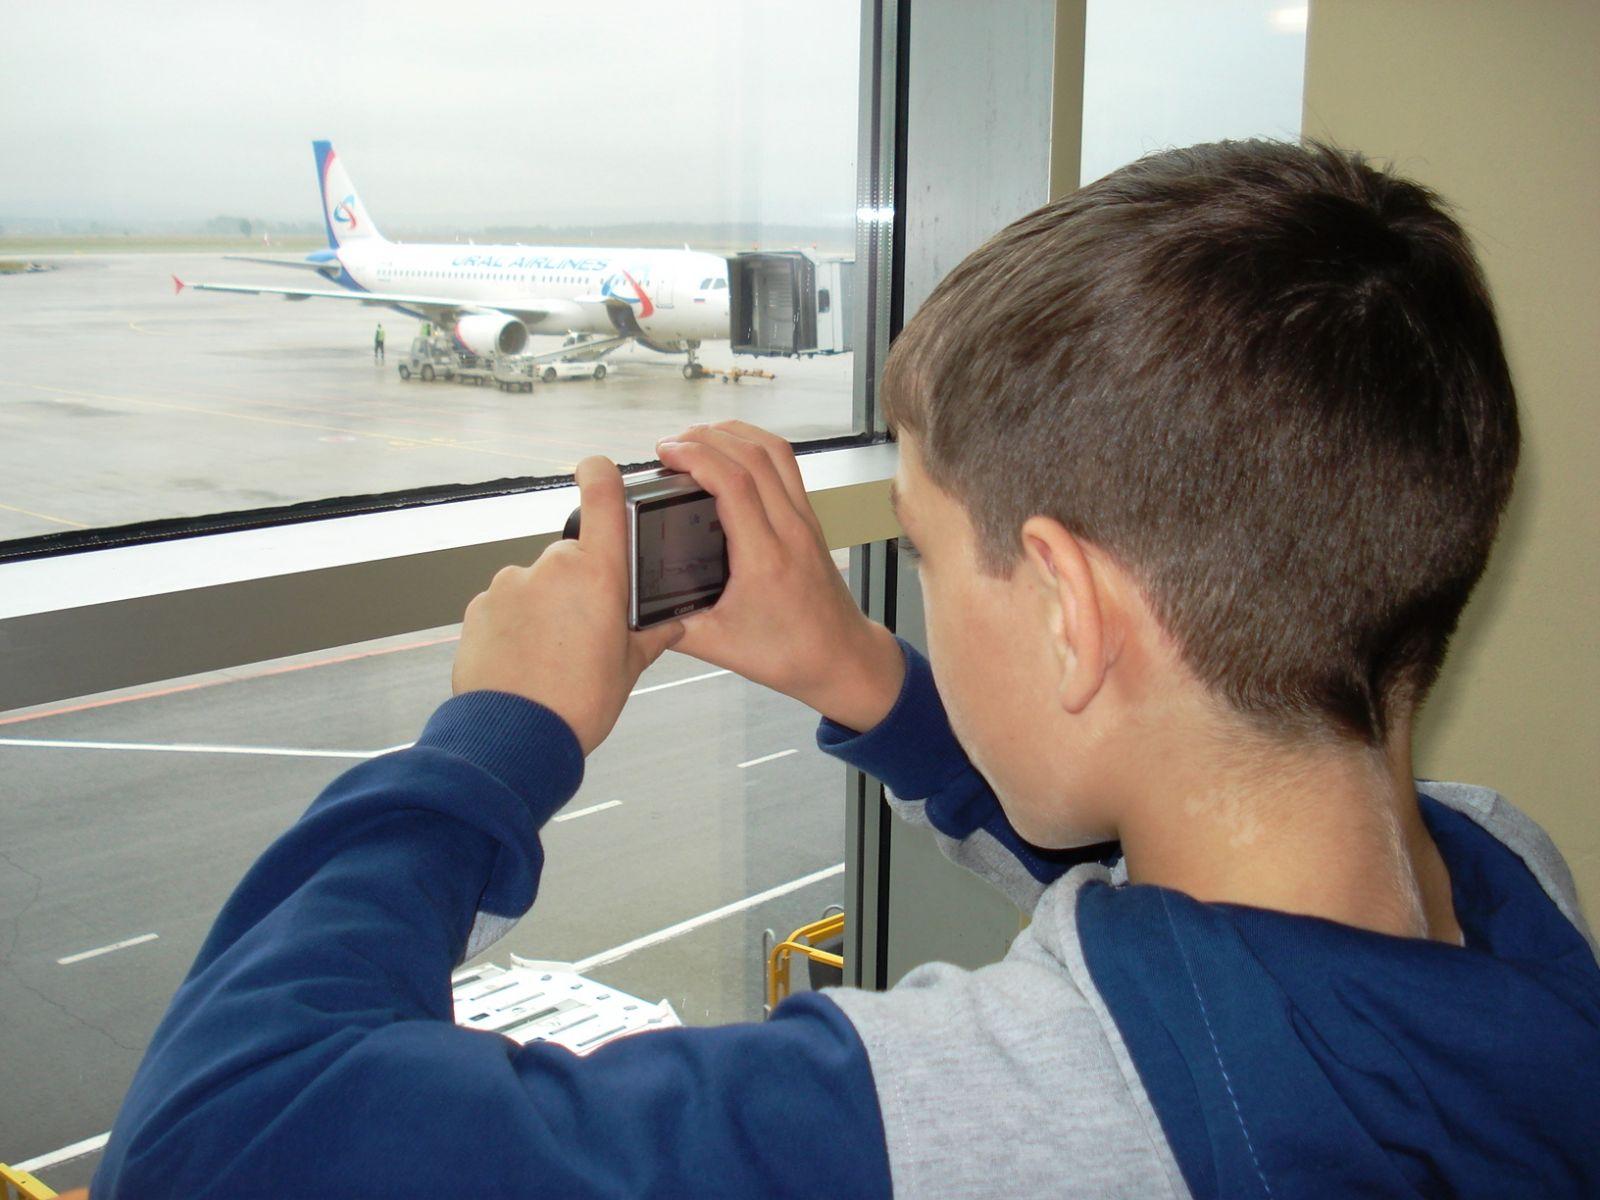 Мальчик фотографирует самолет